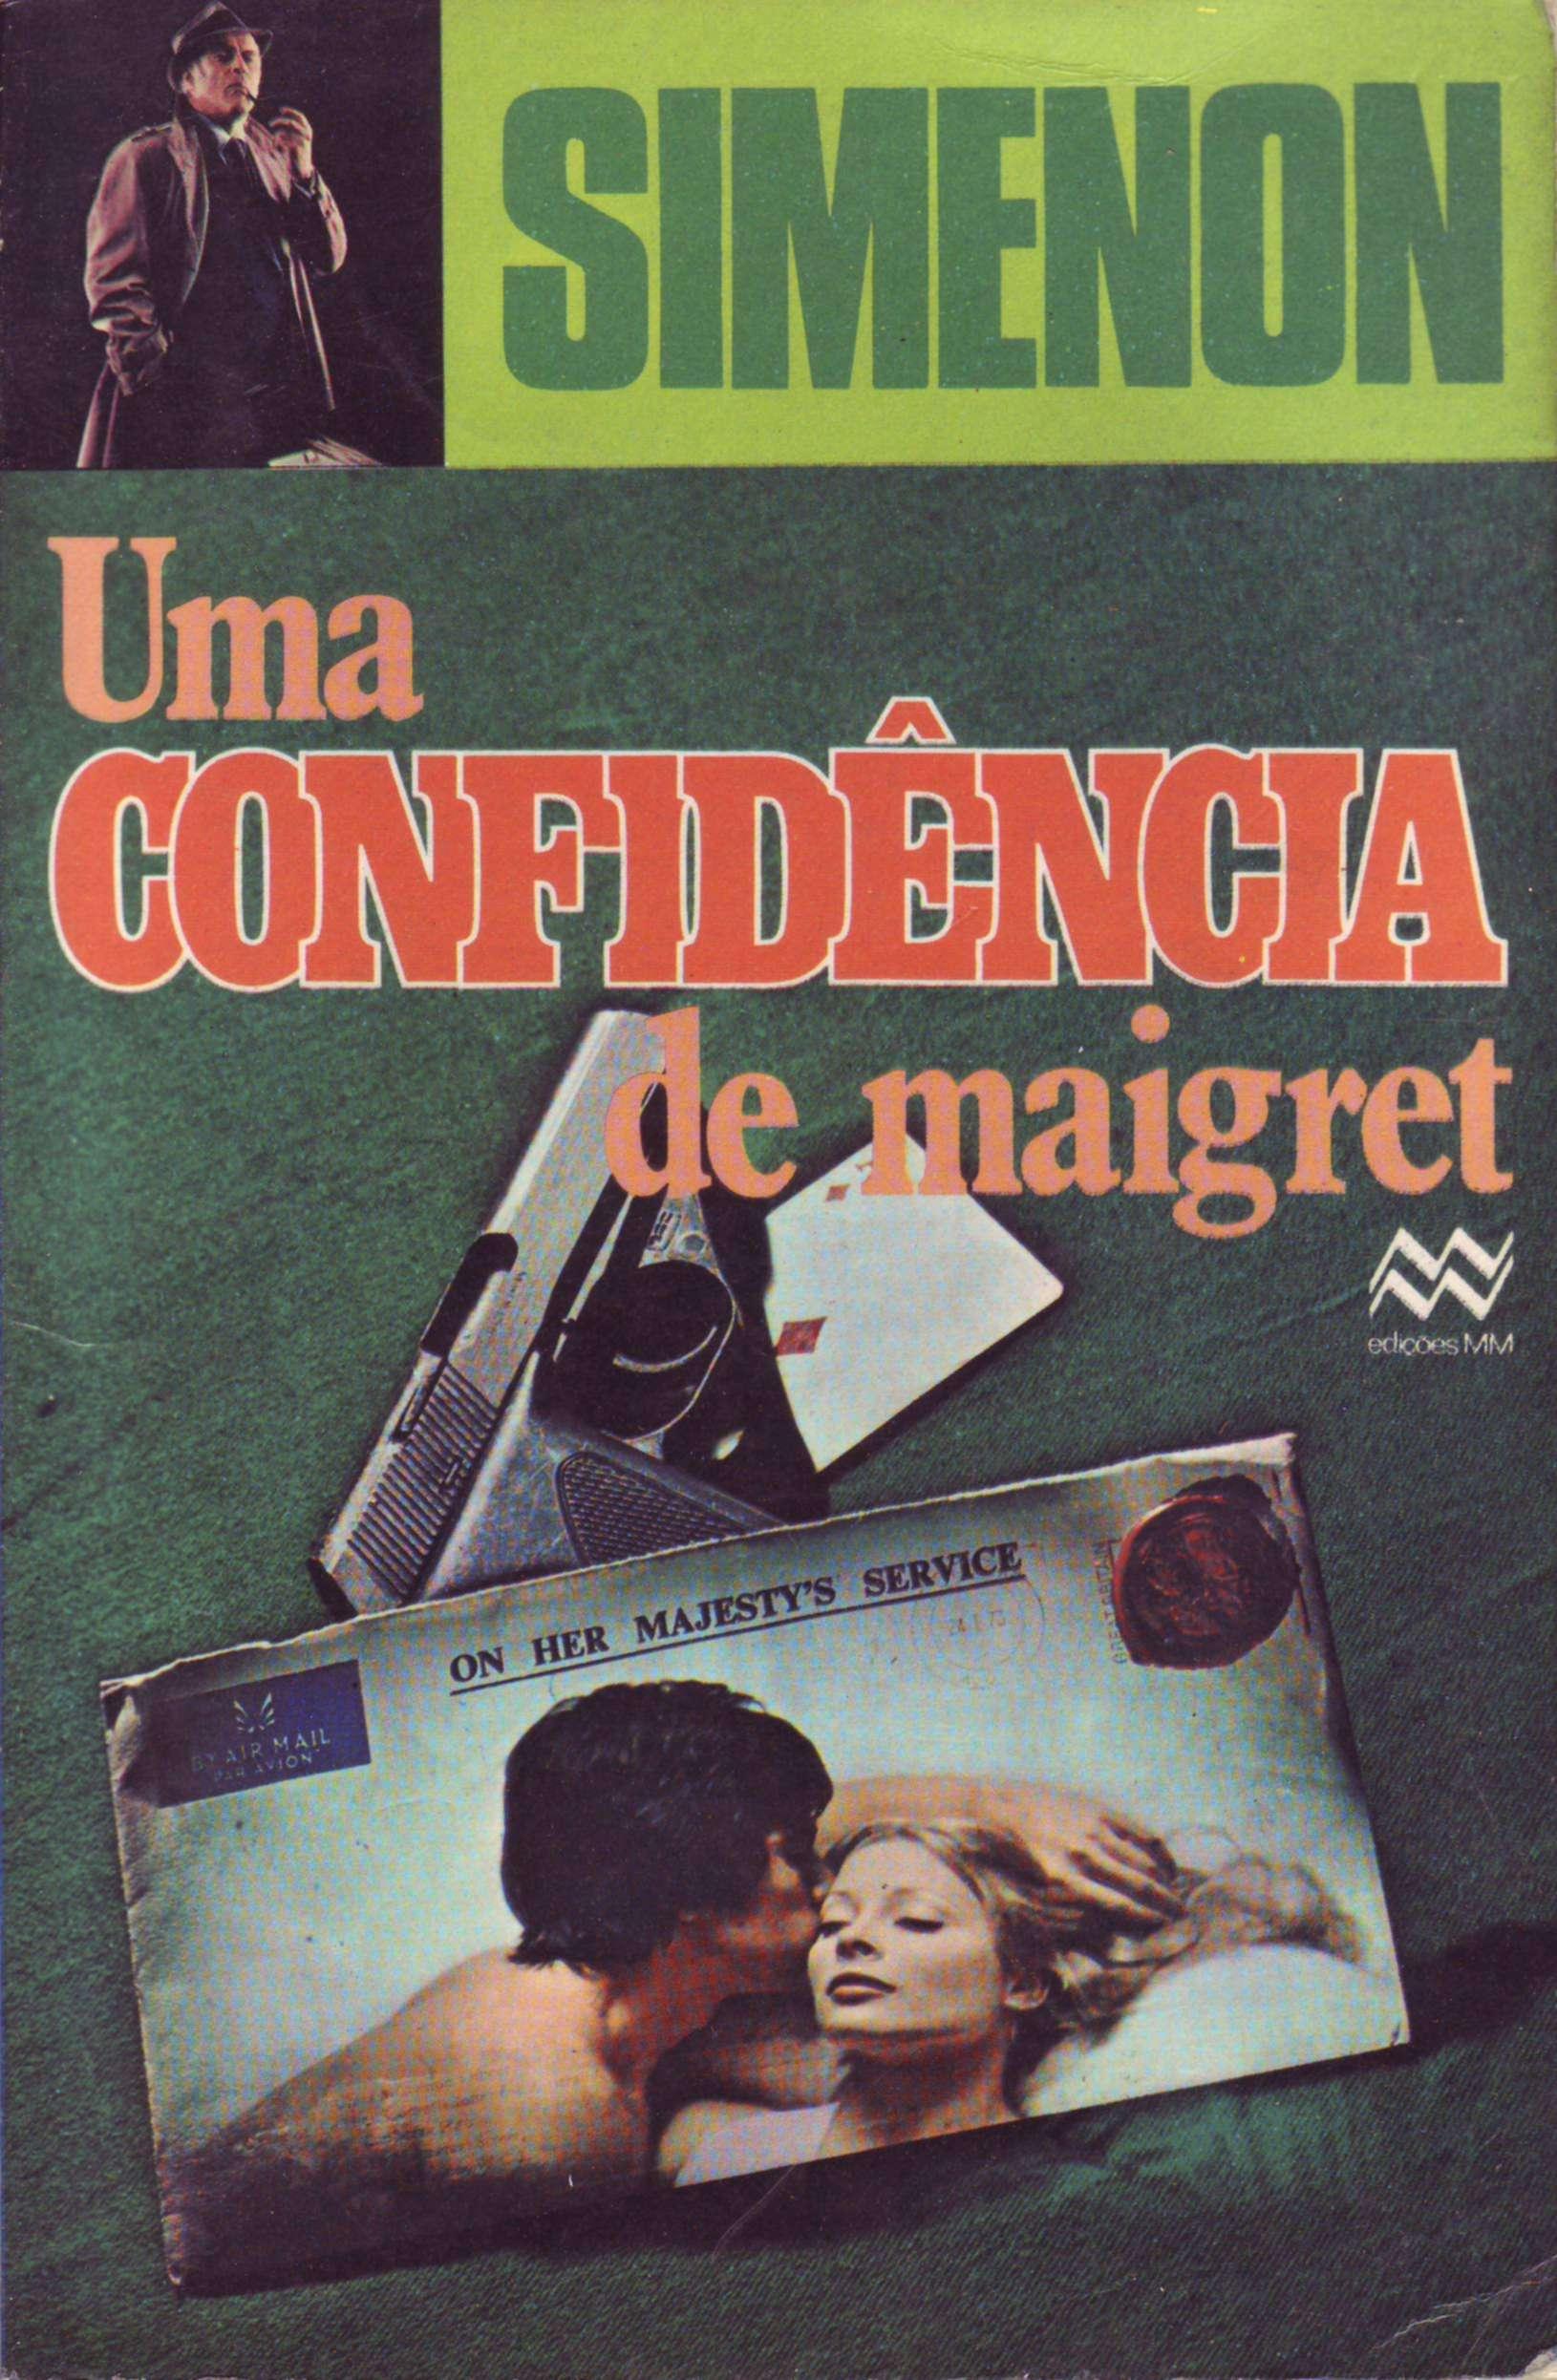 Uma confidência de ...